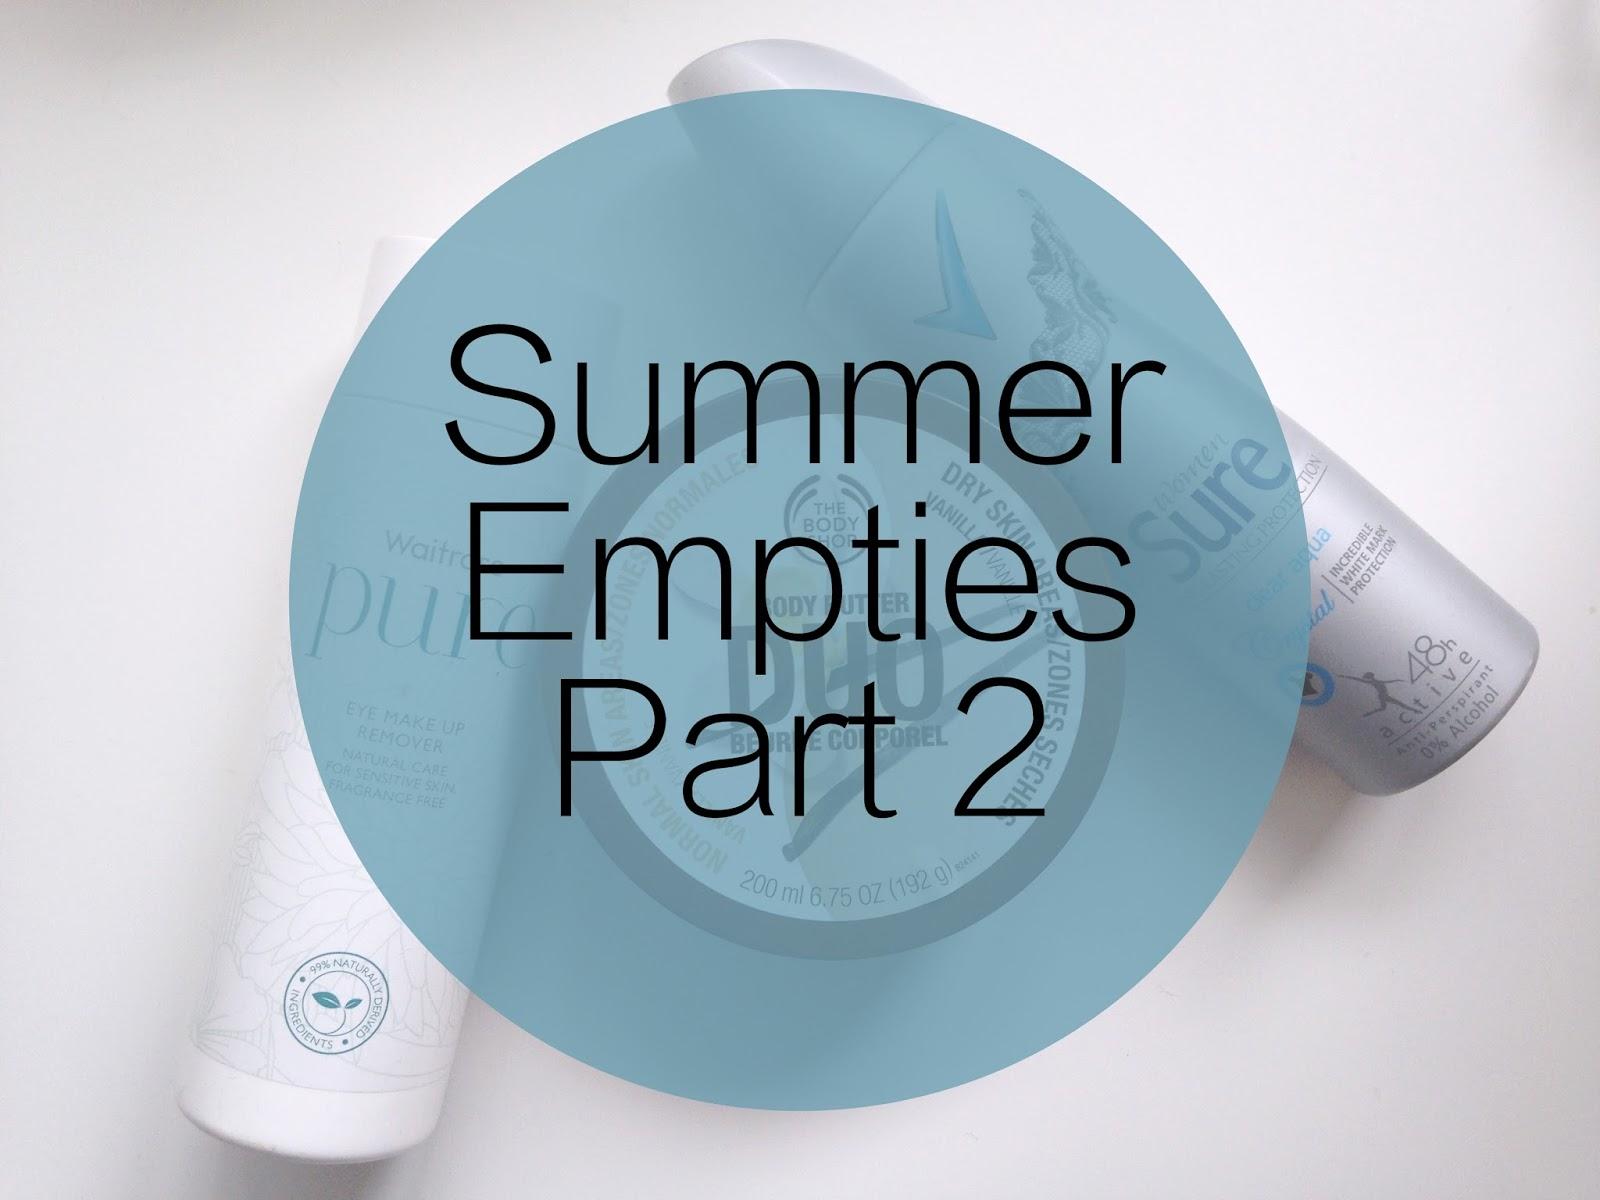 Summer Empties Part 2